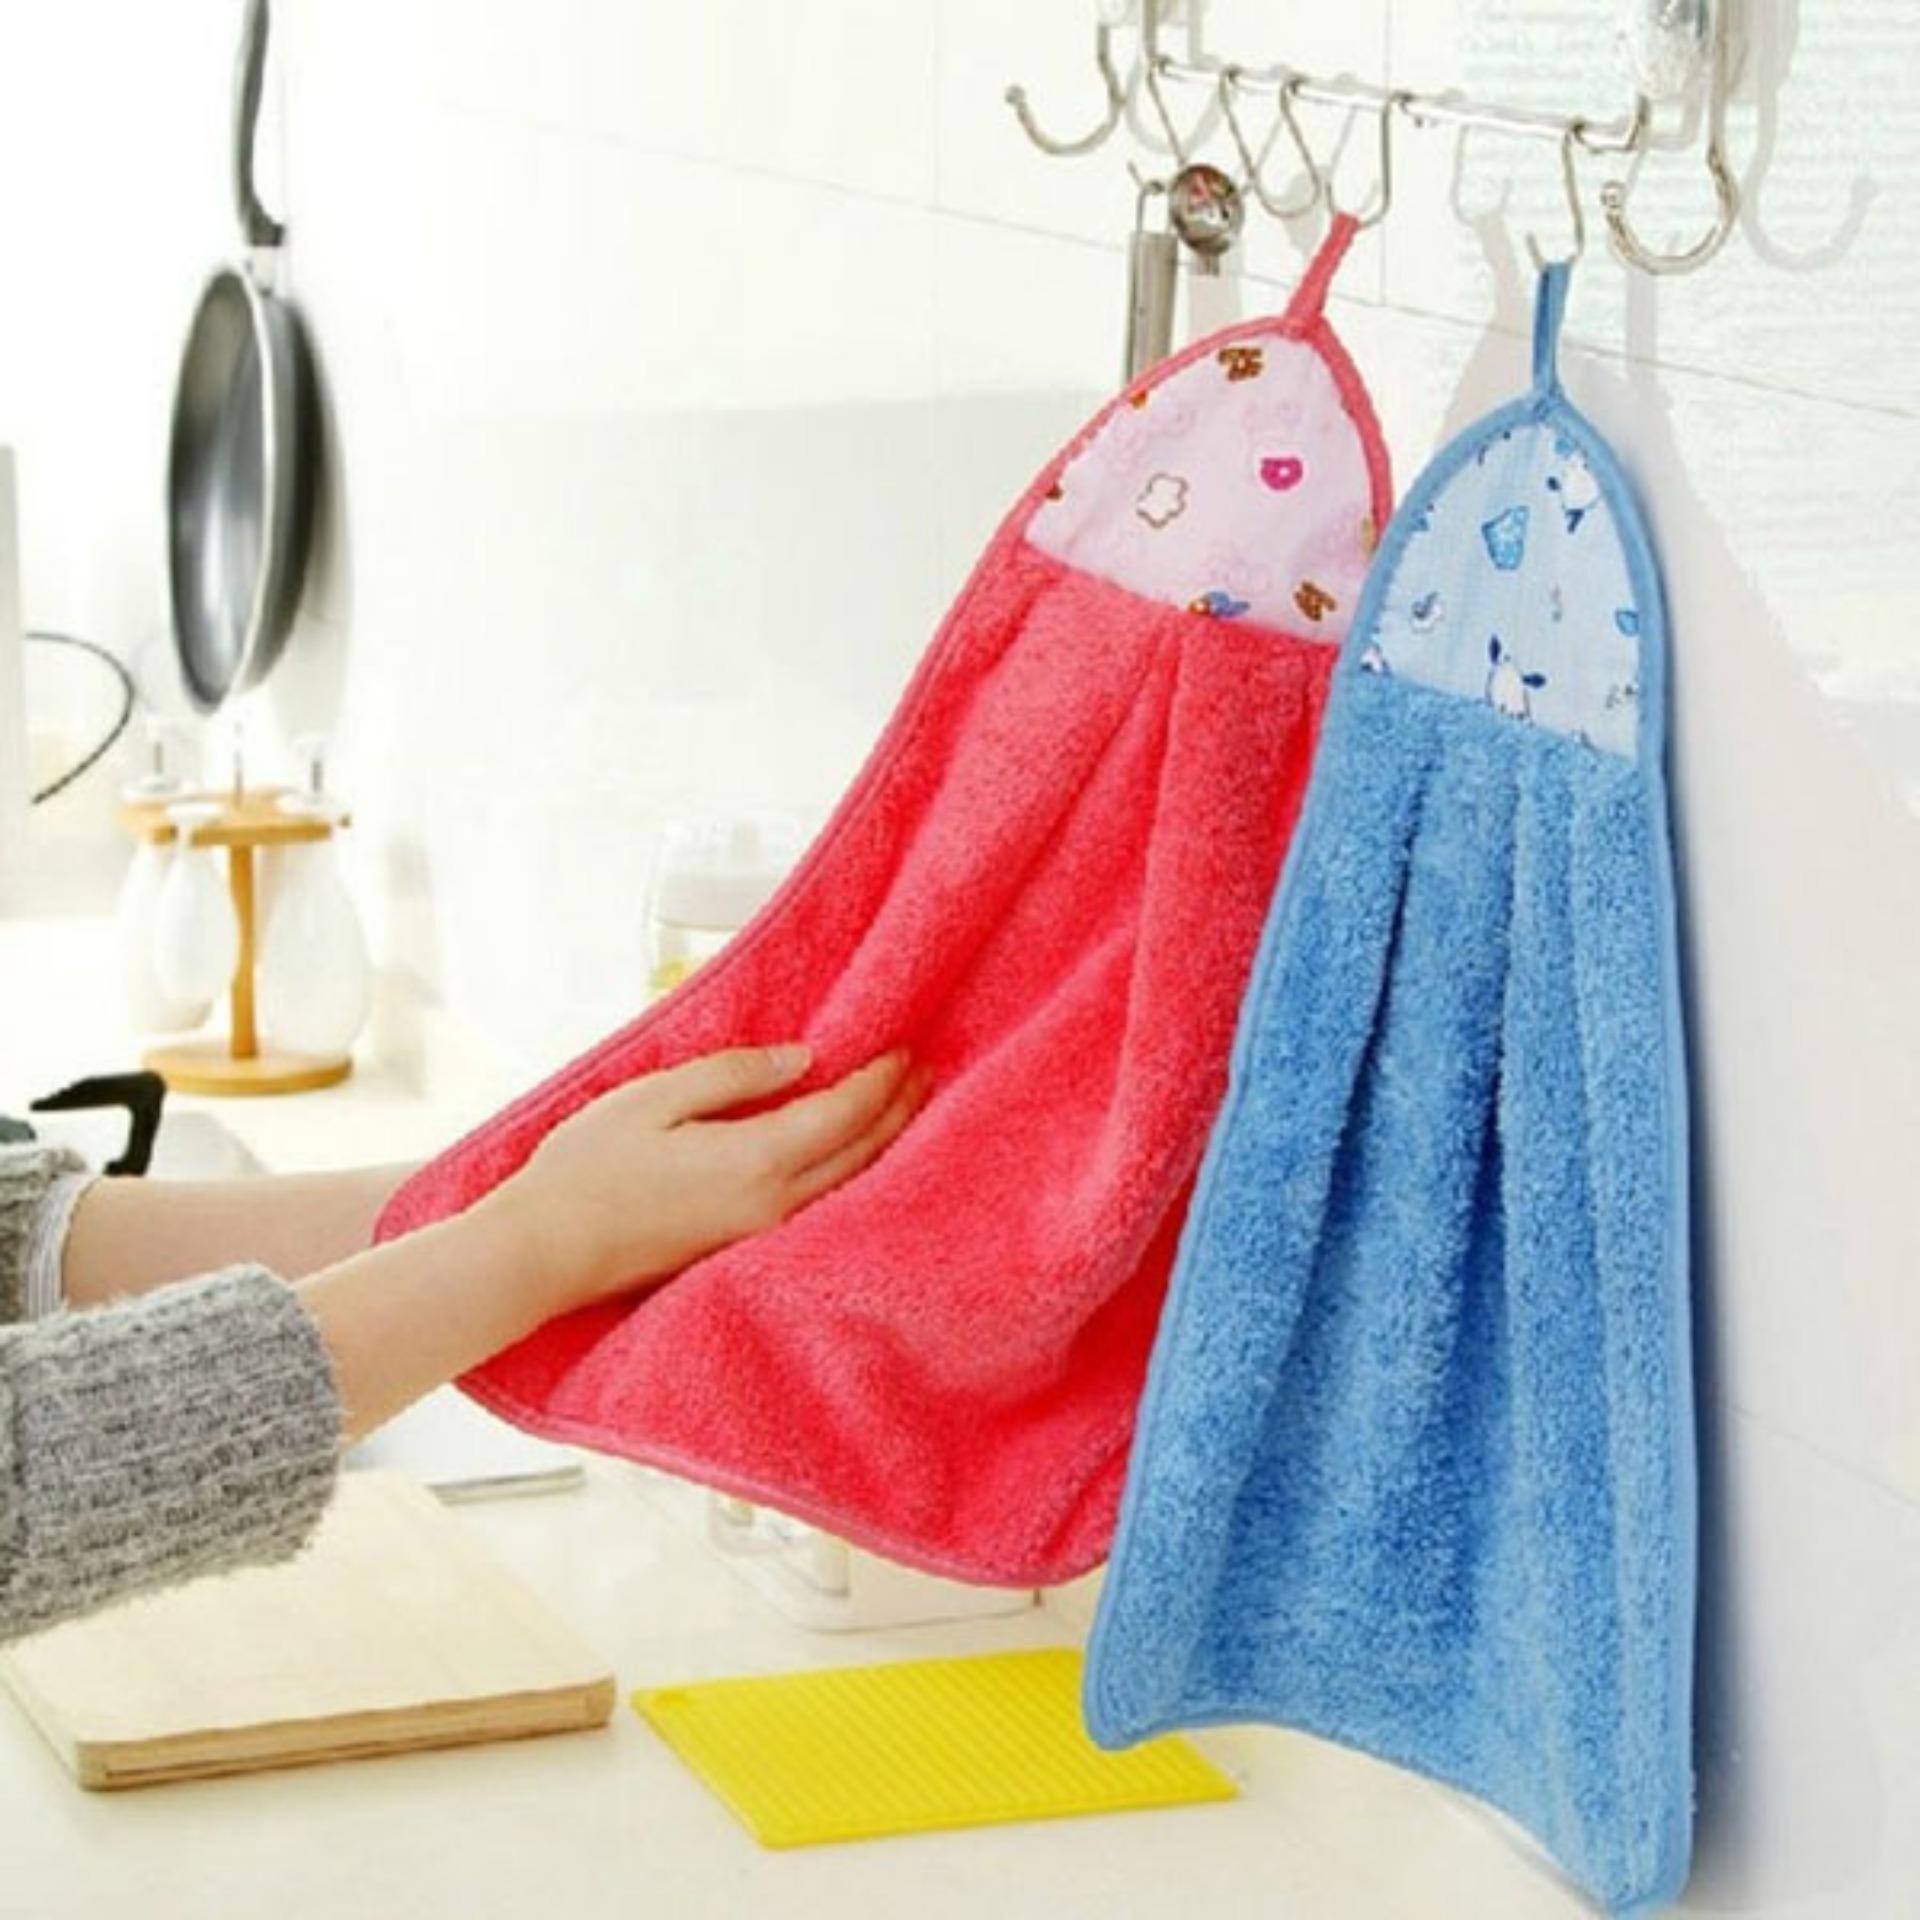 Kệ Để Đồ Gầm Trạn Nhà Bếp 2 Tầng Đa Năng Cao Cấp TẶNG KÈM 2 khăn lau tay nhà bếp